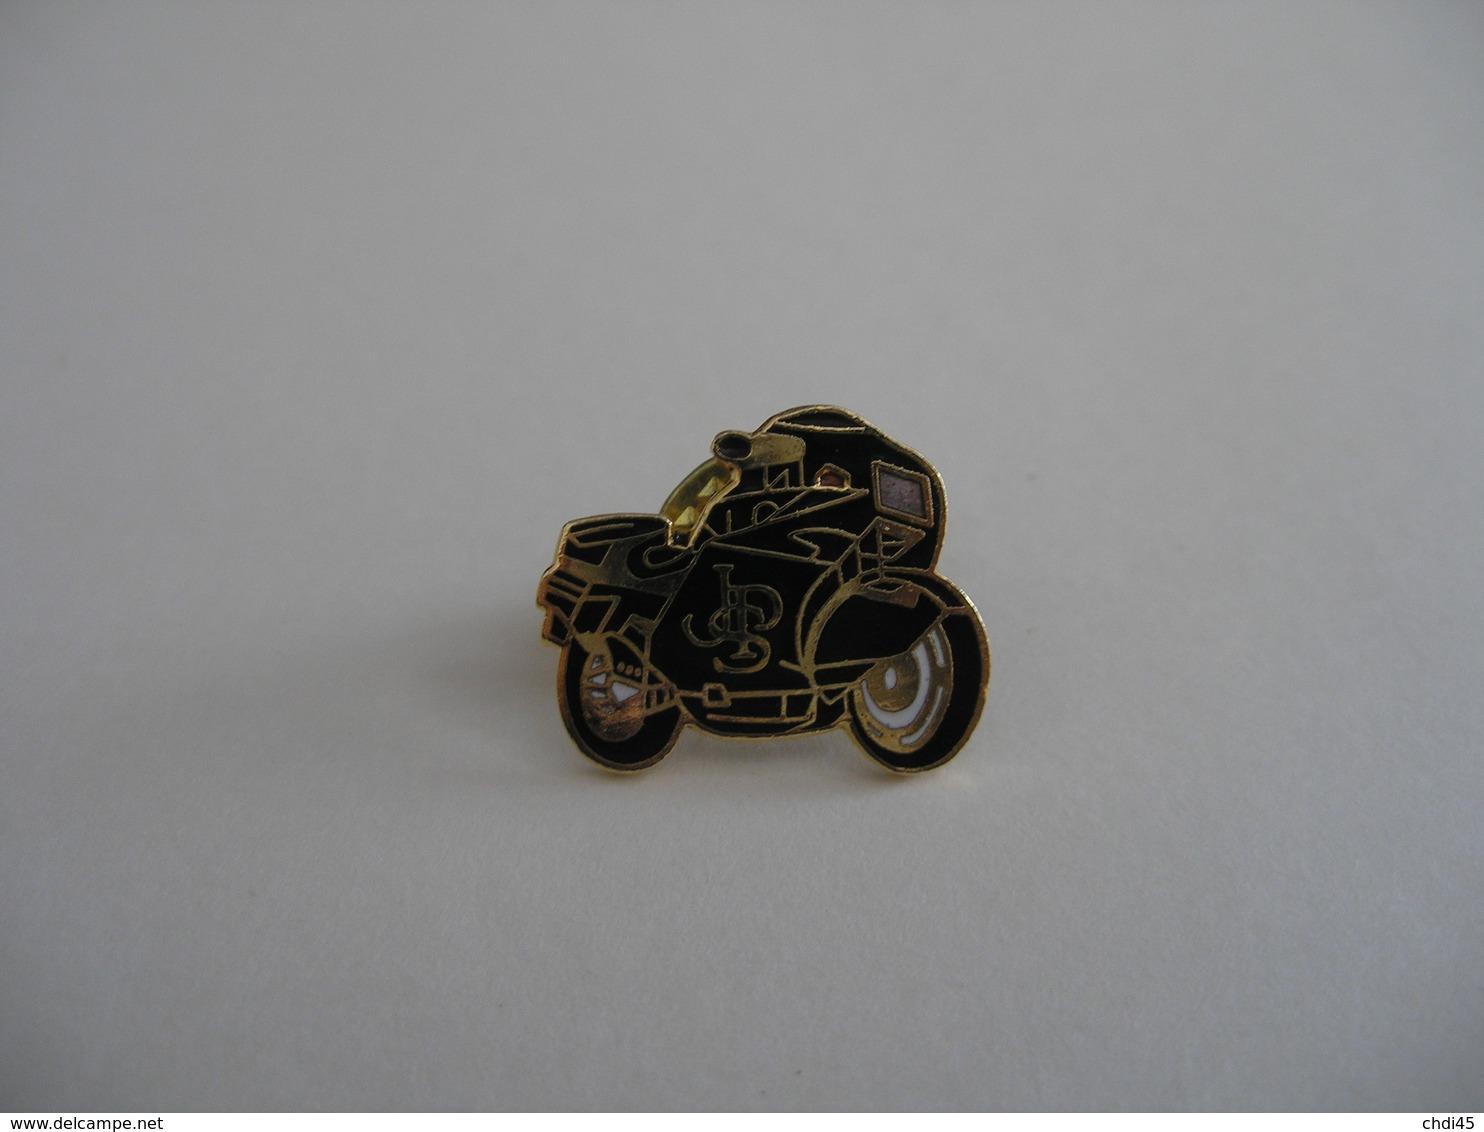 MOTO JPS - Motorfietsen